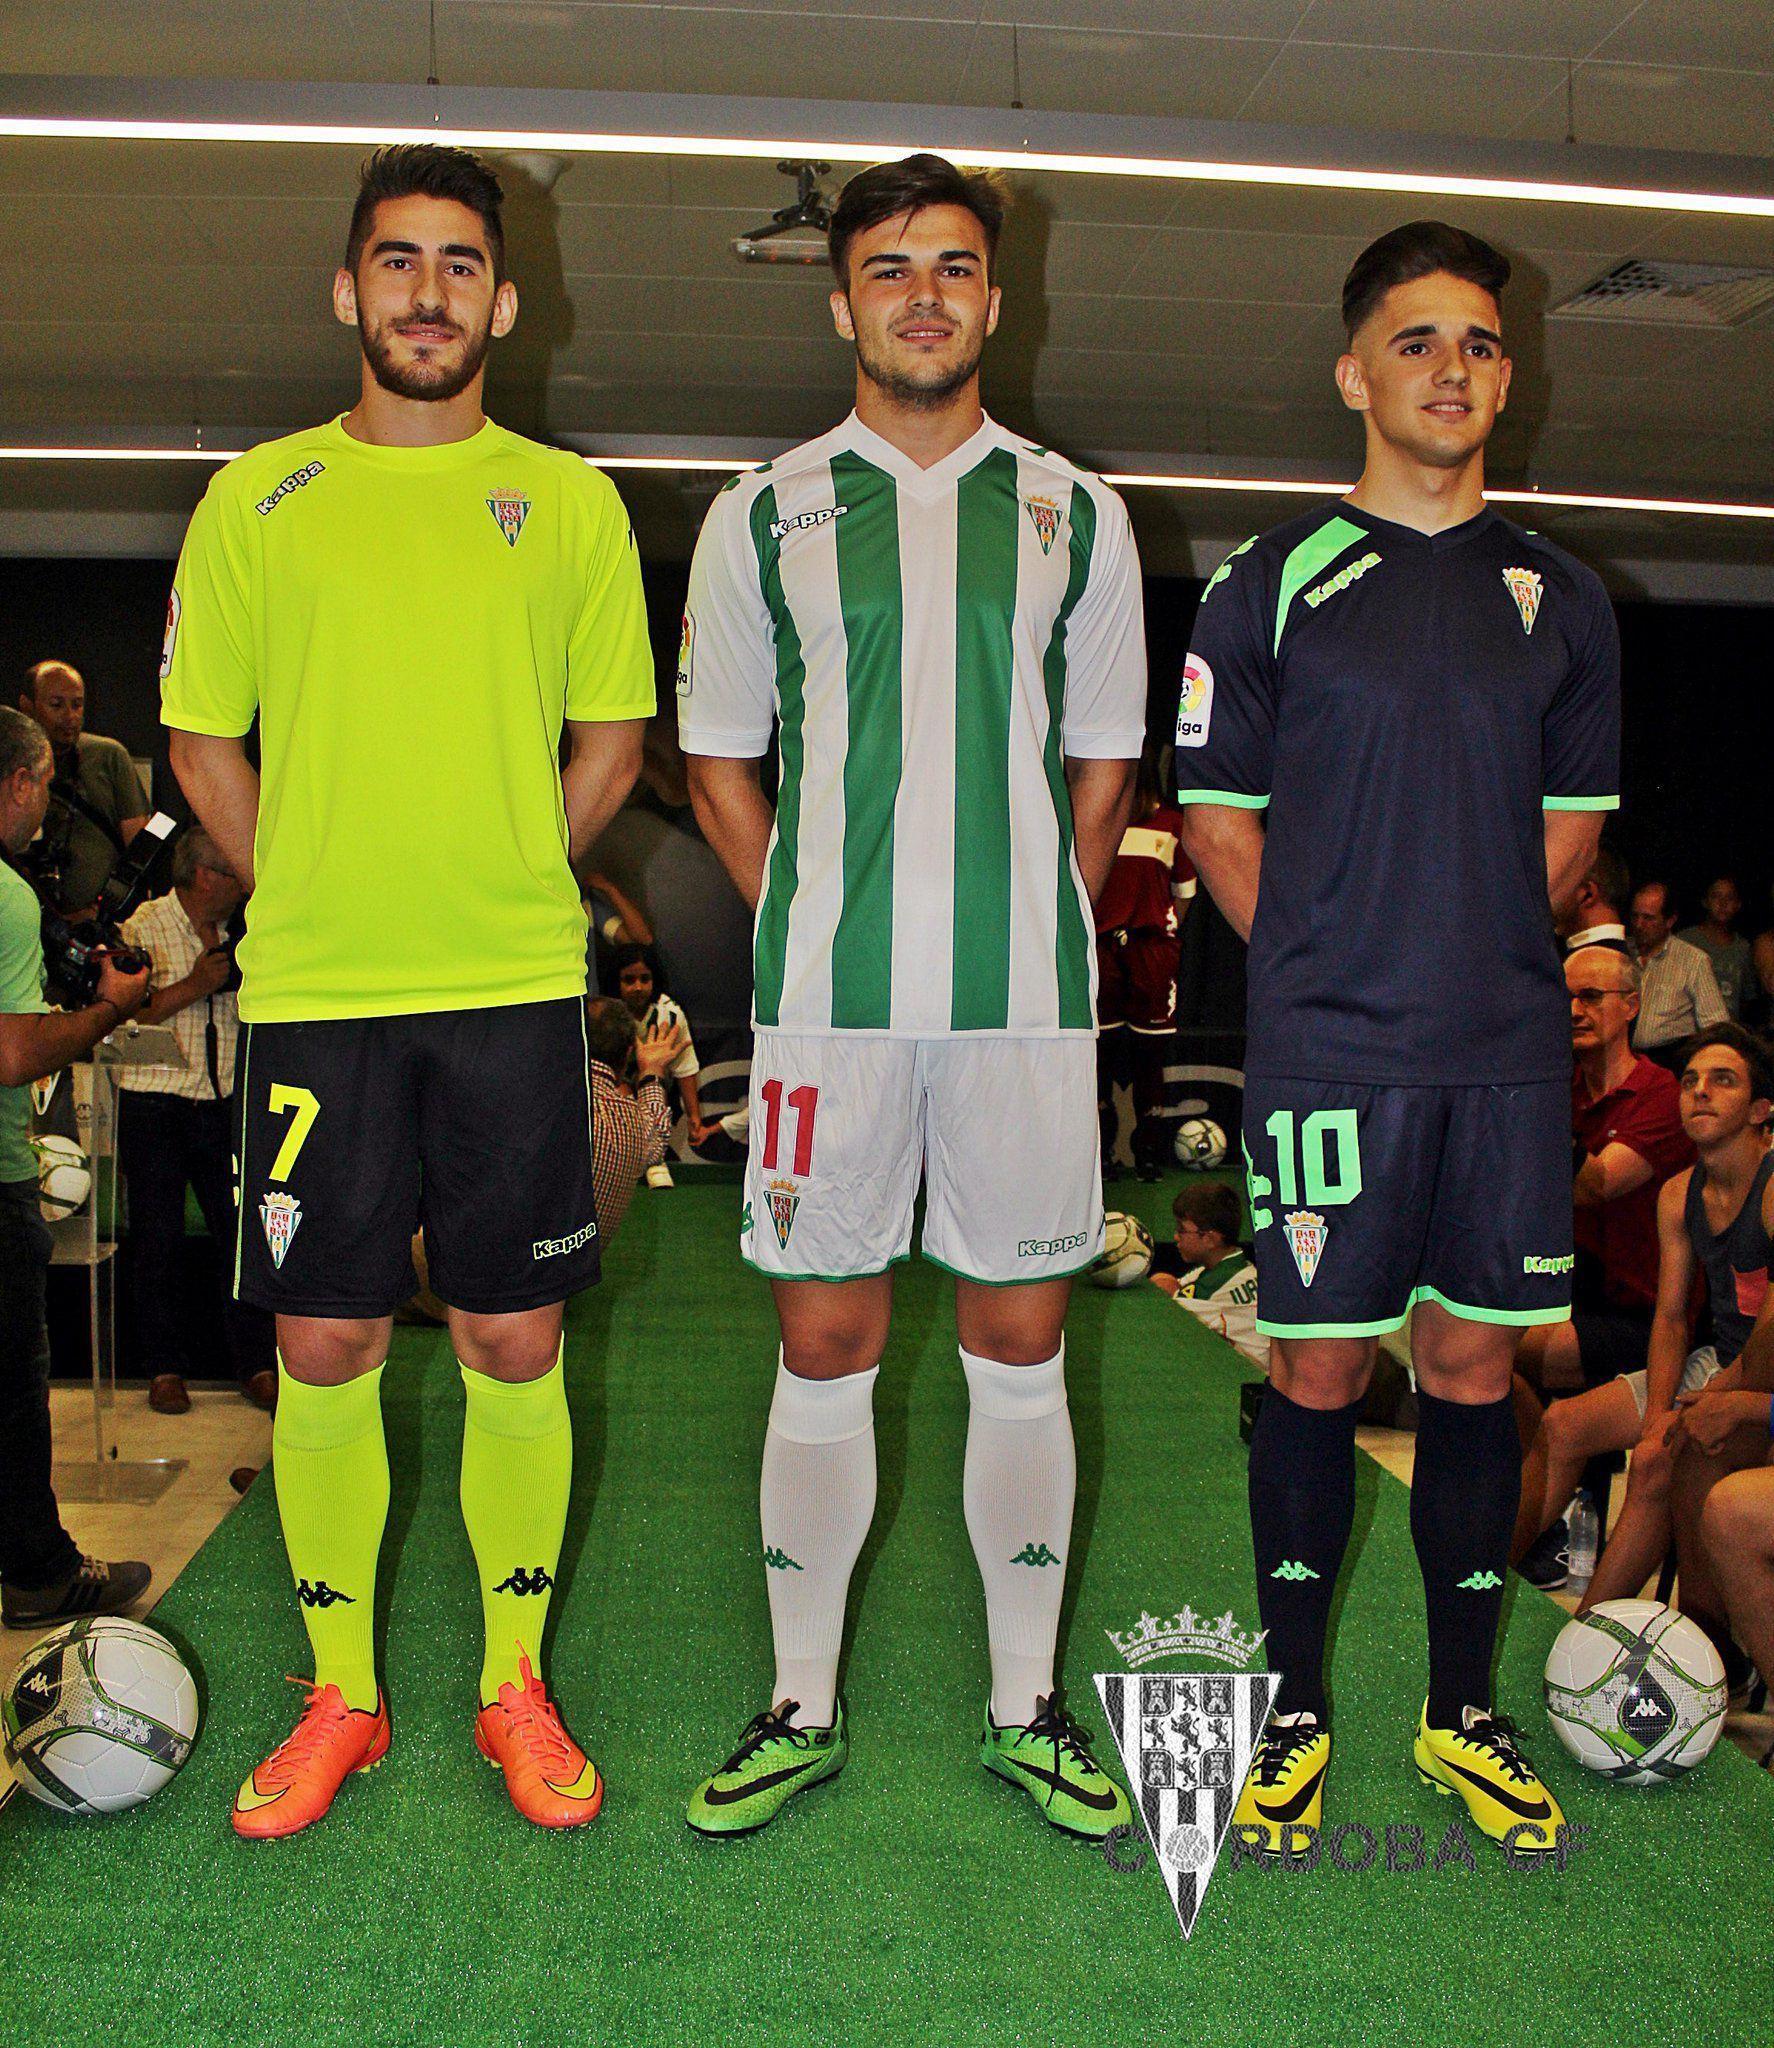 Nuevas casacas del Córdoba CF | Foto Twitter @cordobacfsad